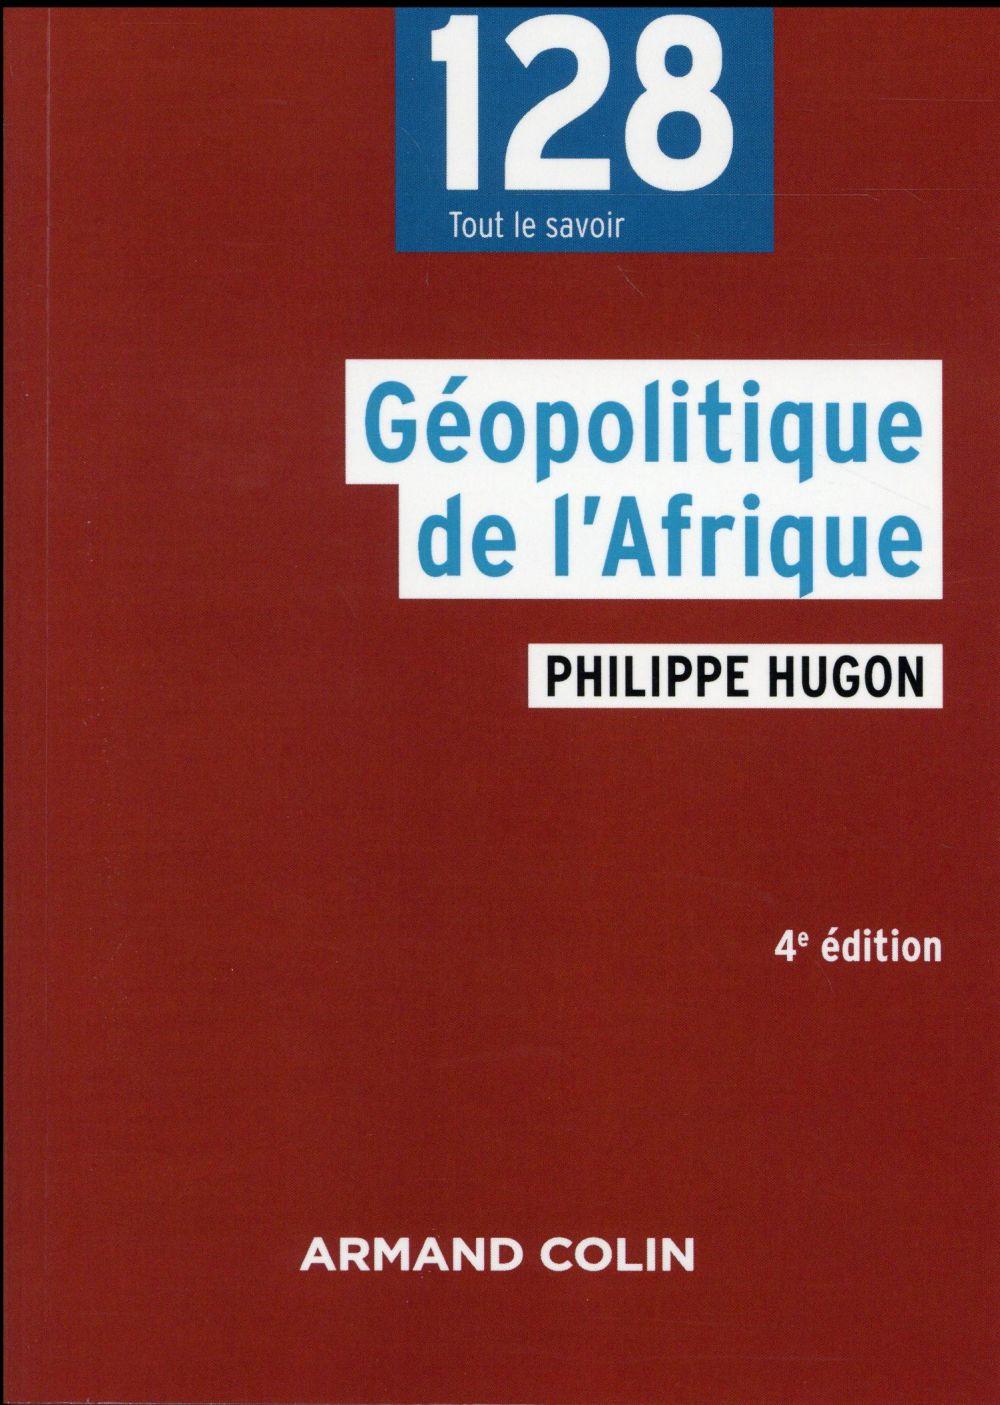 Géopolitique de l'Afrique (4e édition)